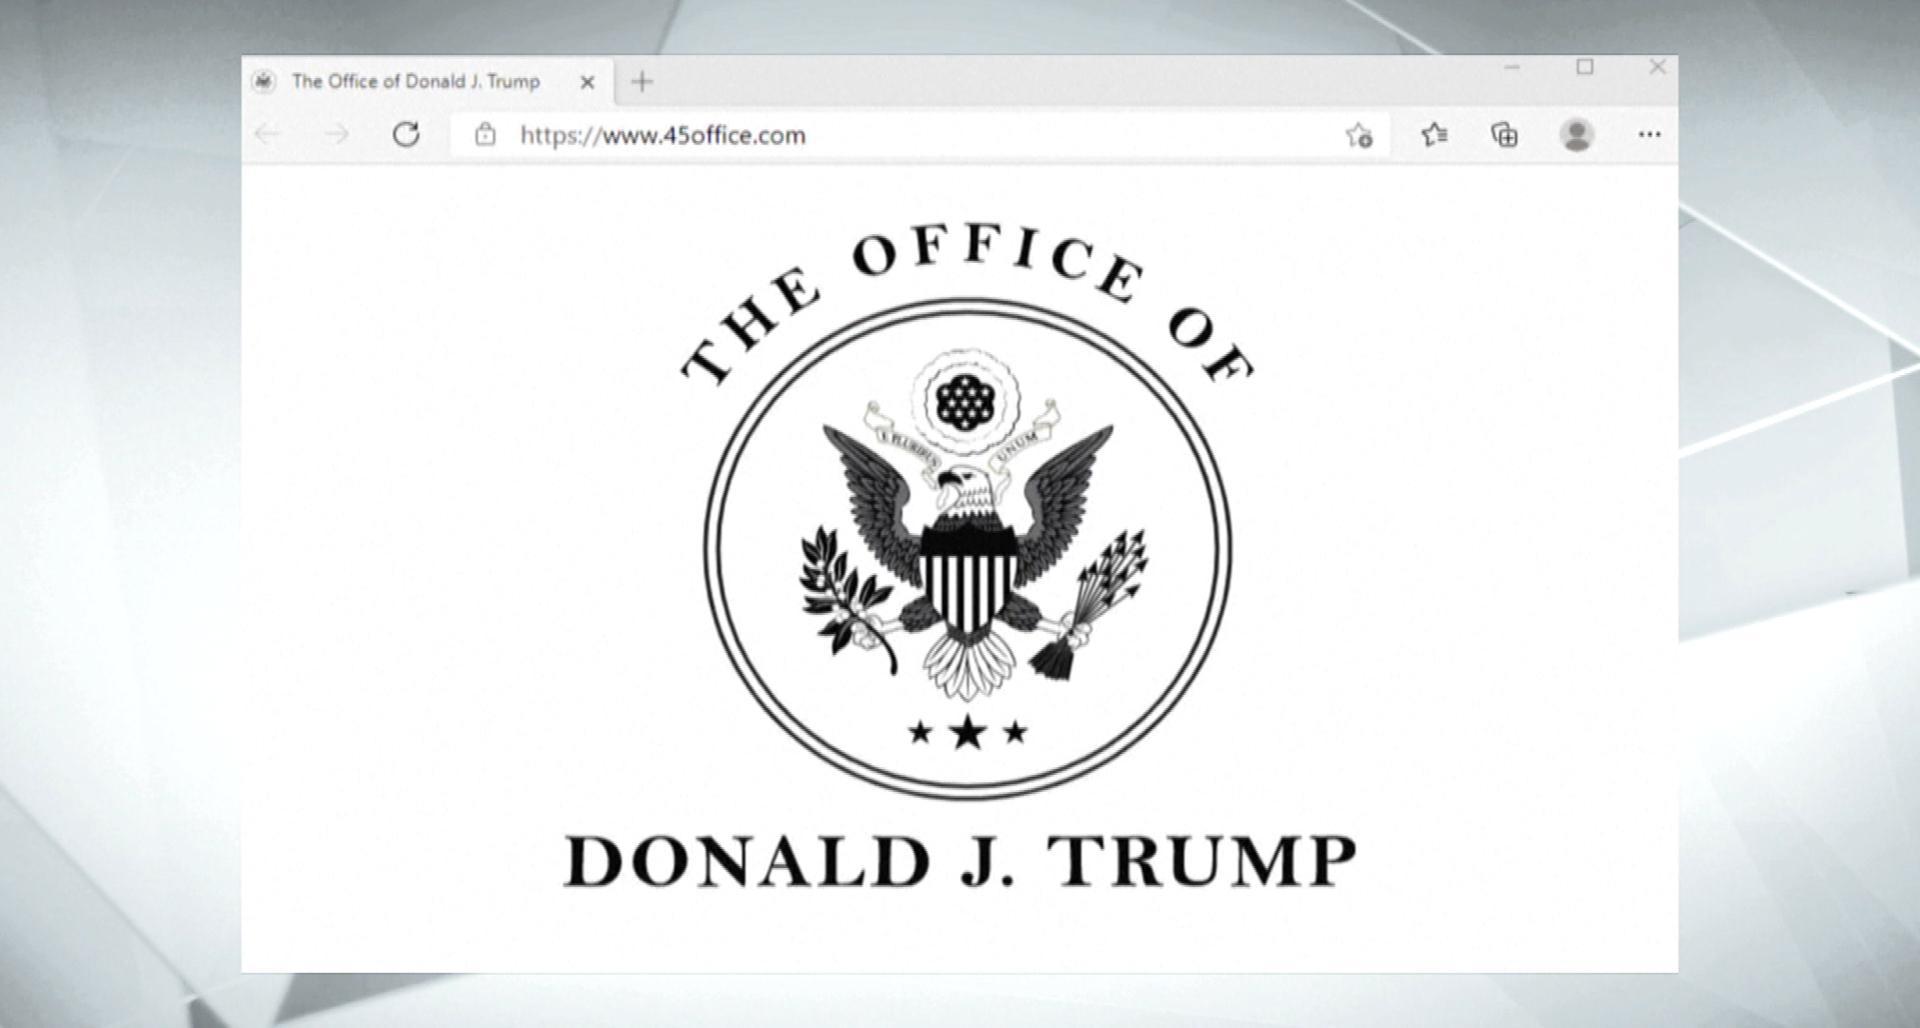 """特朗普""""前总统办公室""""网站"""